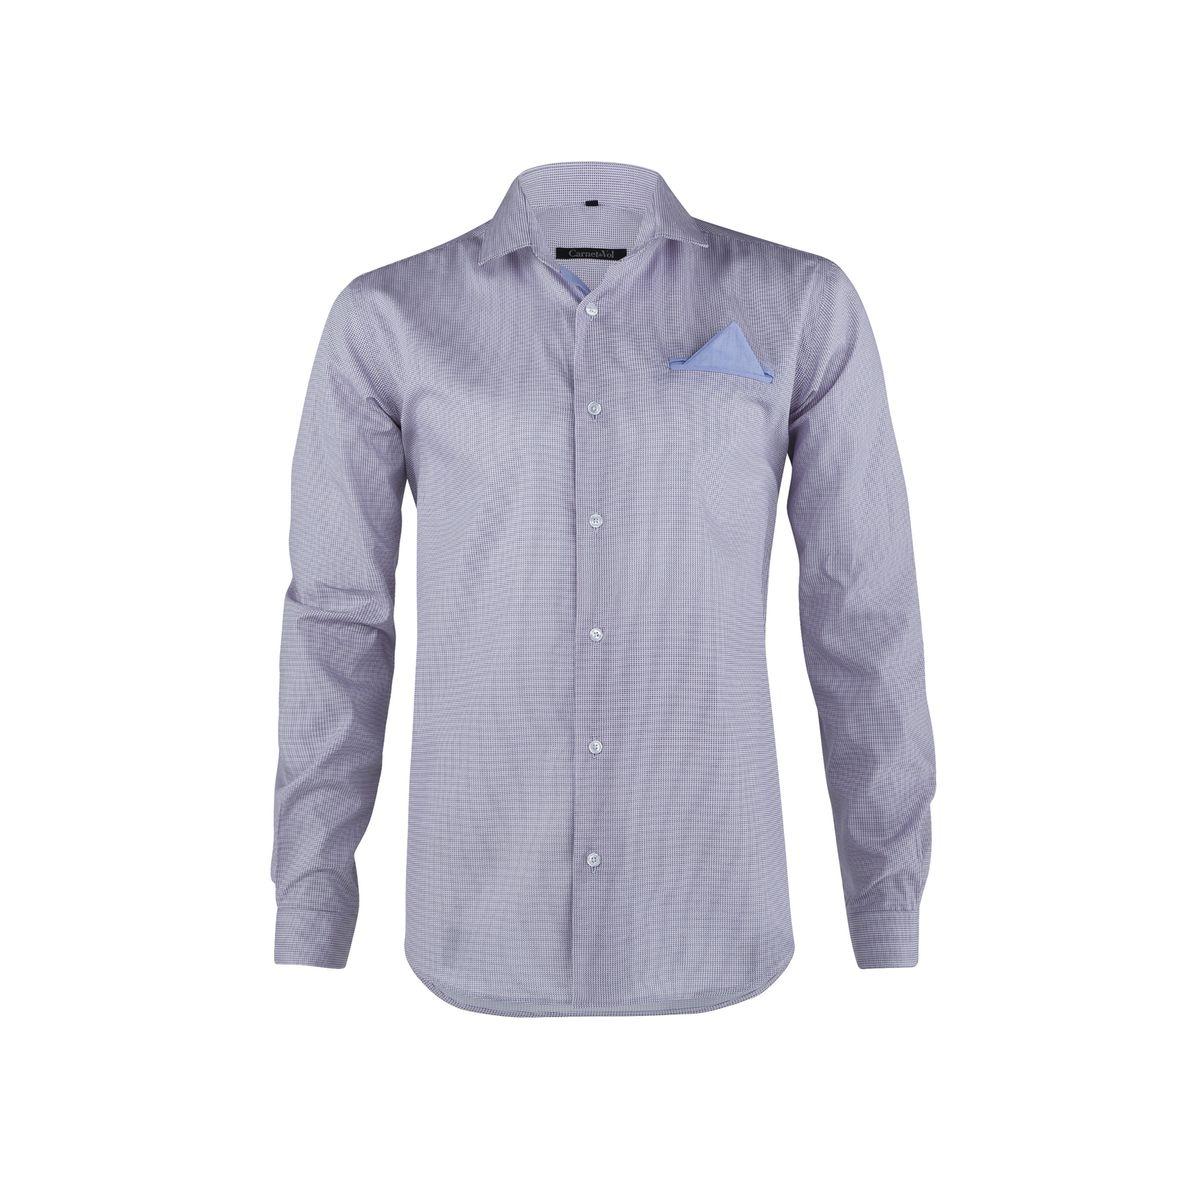 Chemise fond blanc imprime rouge et bleu